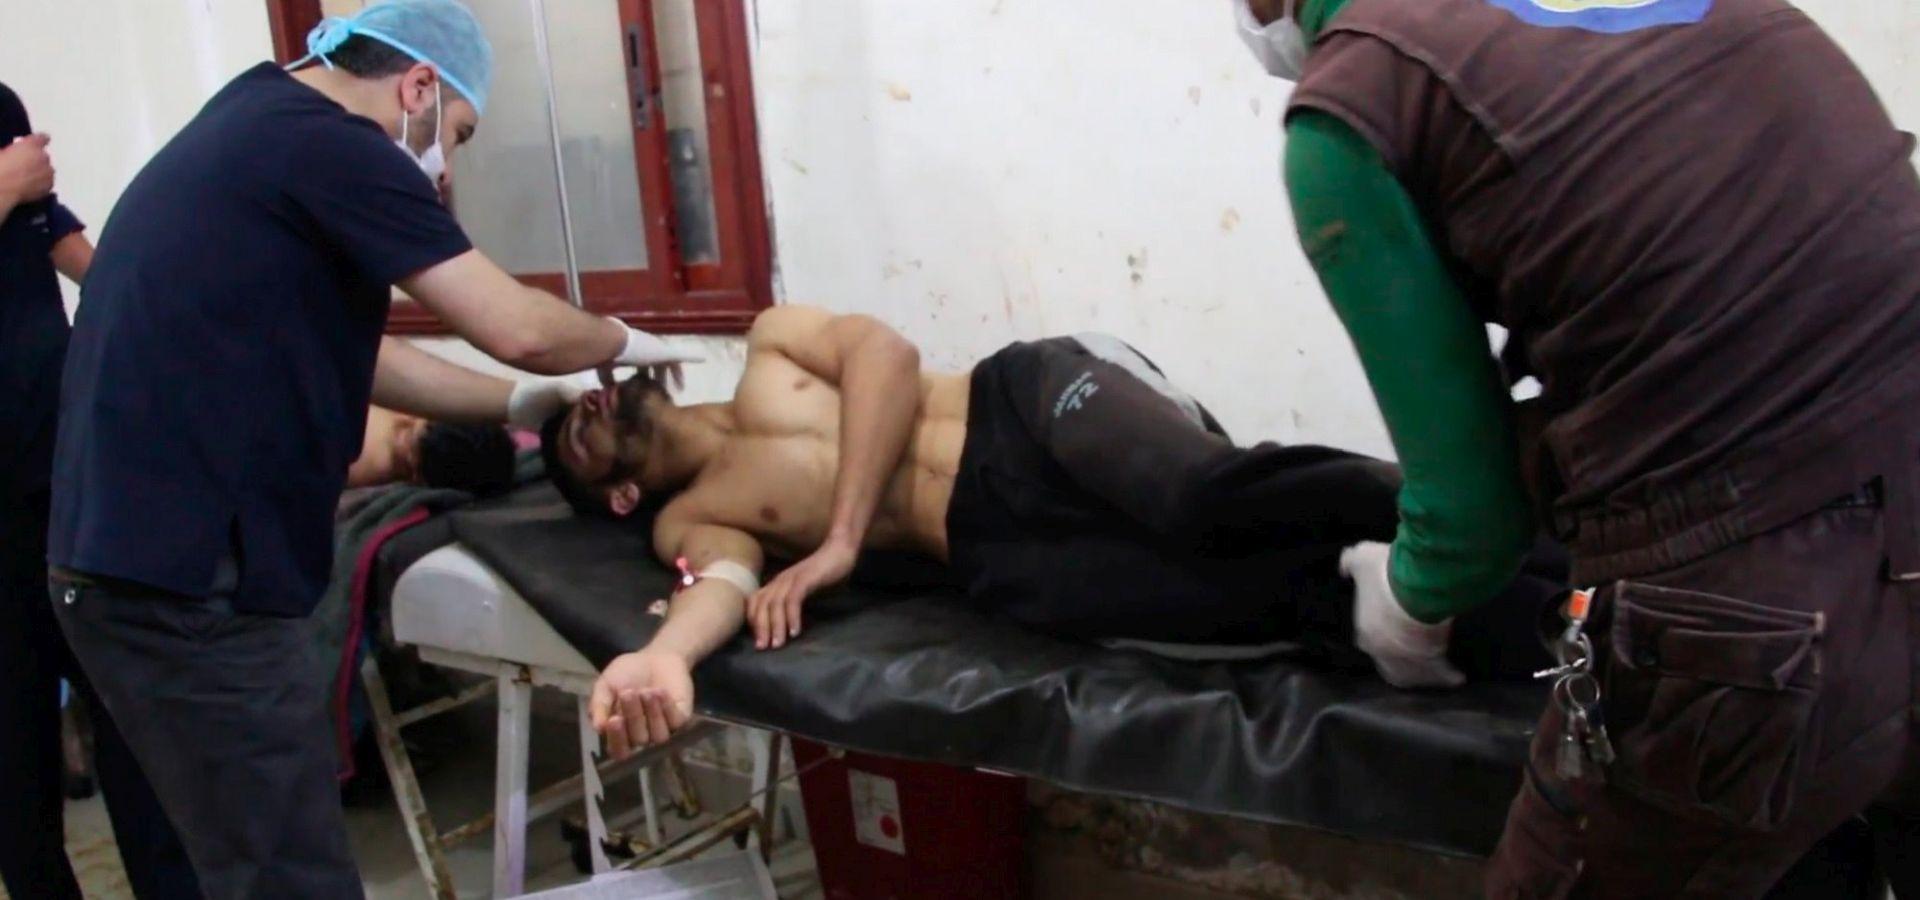 CRVENI KRIŽ: Stanje u Siriji predstavlja međunarodni oružani sukob